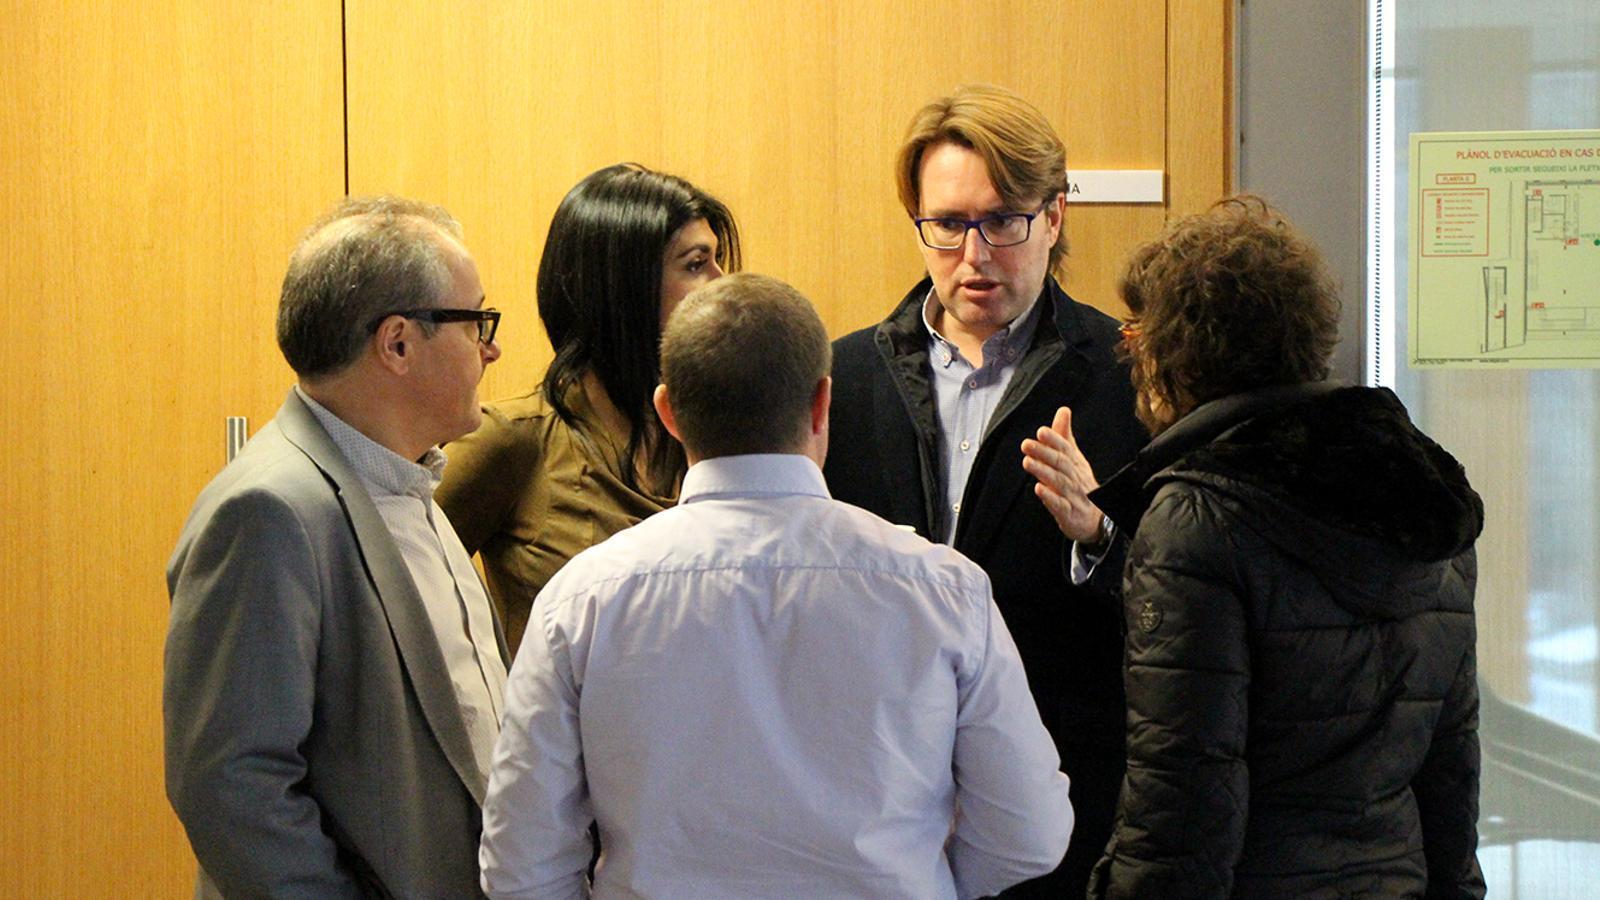 Els consellers d'UL+CC present a la reunió, xerrant durant una pausa de la reunió. / M.M.